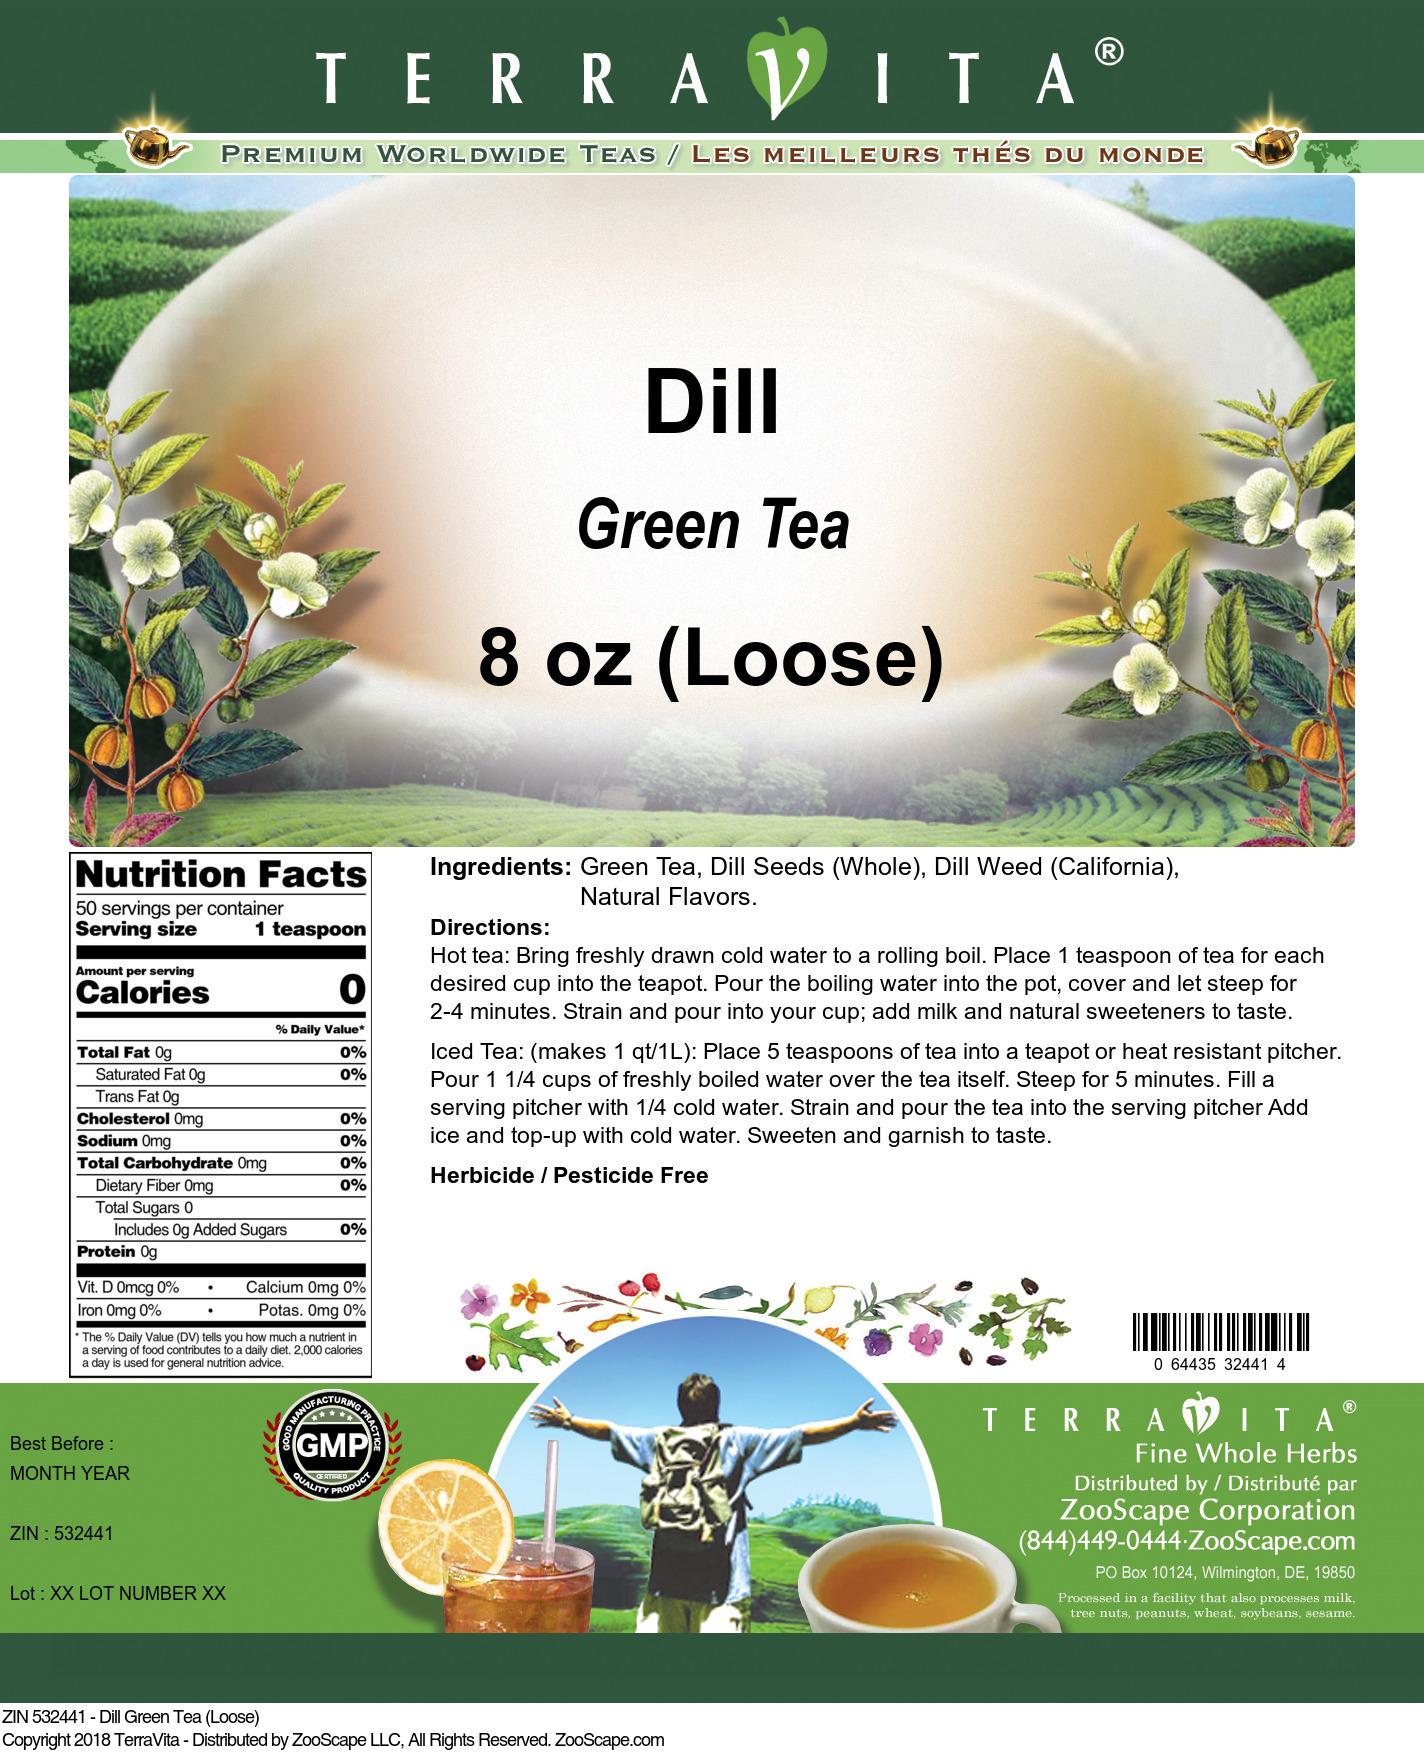 Dill Green Tea (Loose)